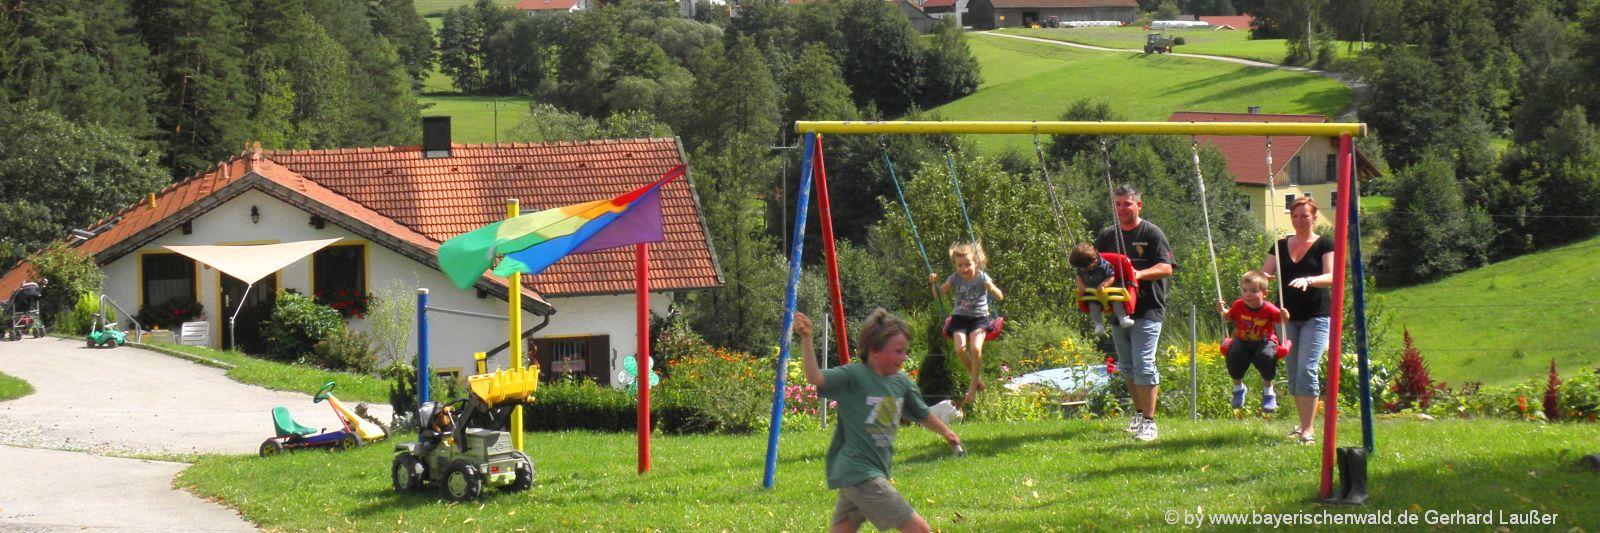 Bayerischer Wald Urlaub mit Kindern auf dem Bauernhof